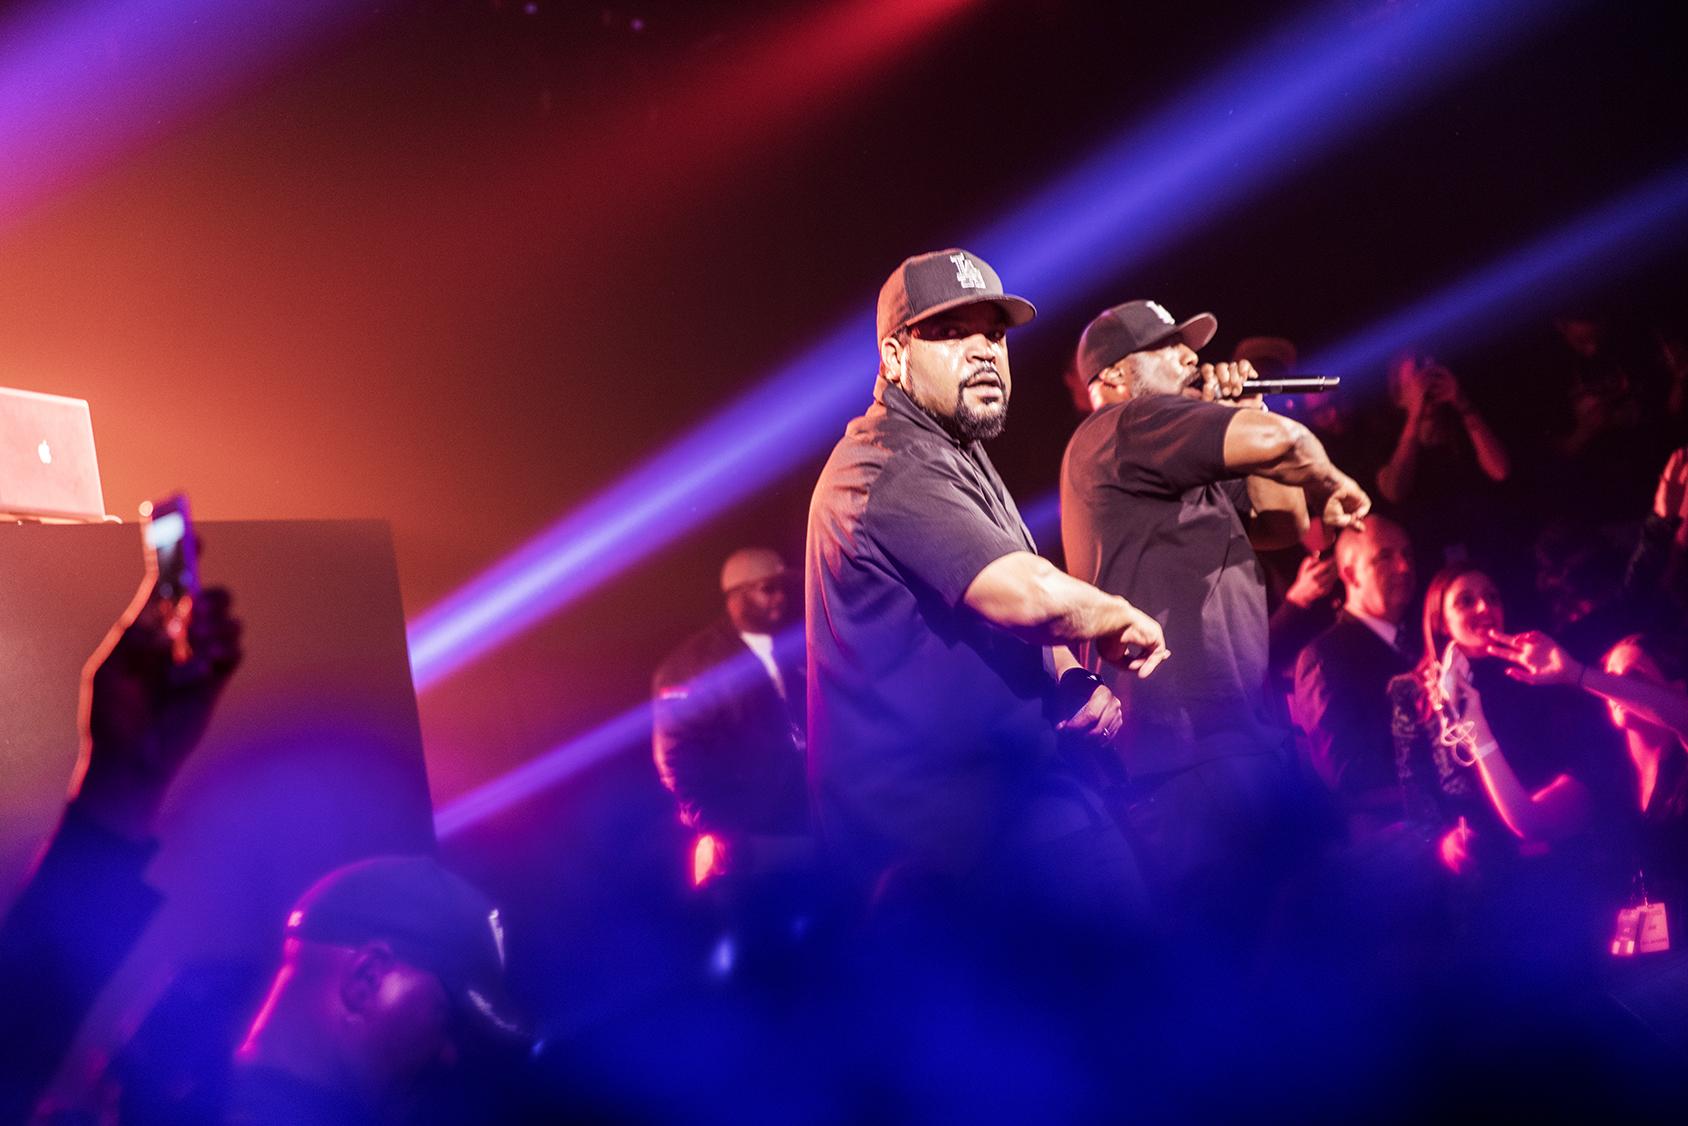 Après le défilé Kenzo x H&M, le rappeur légendaire Ice Cube monte sur la scène.